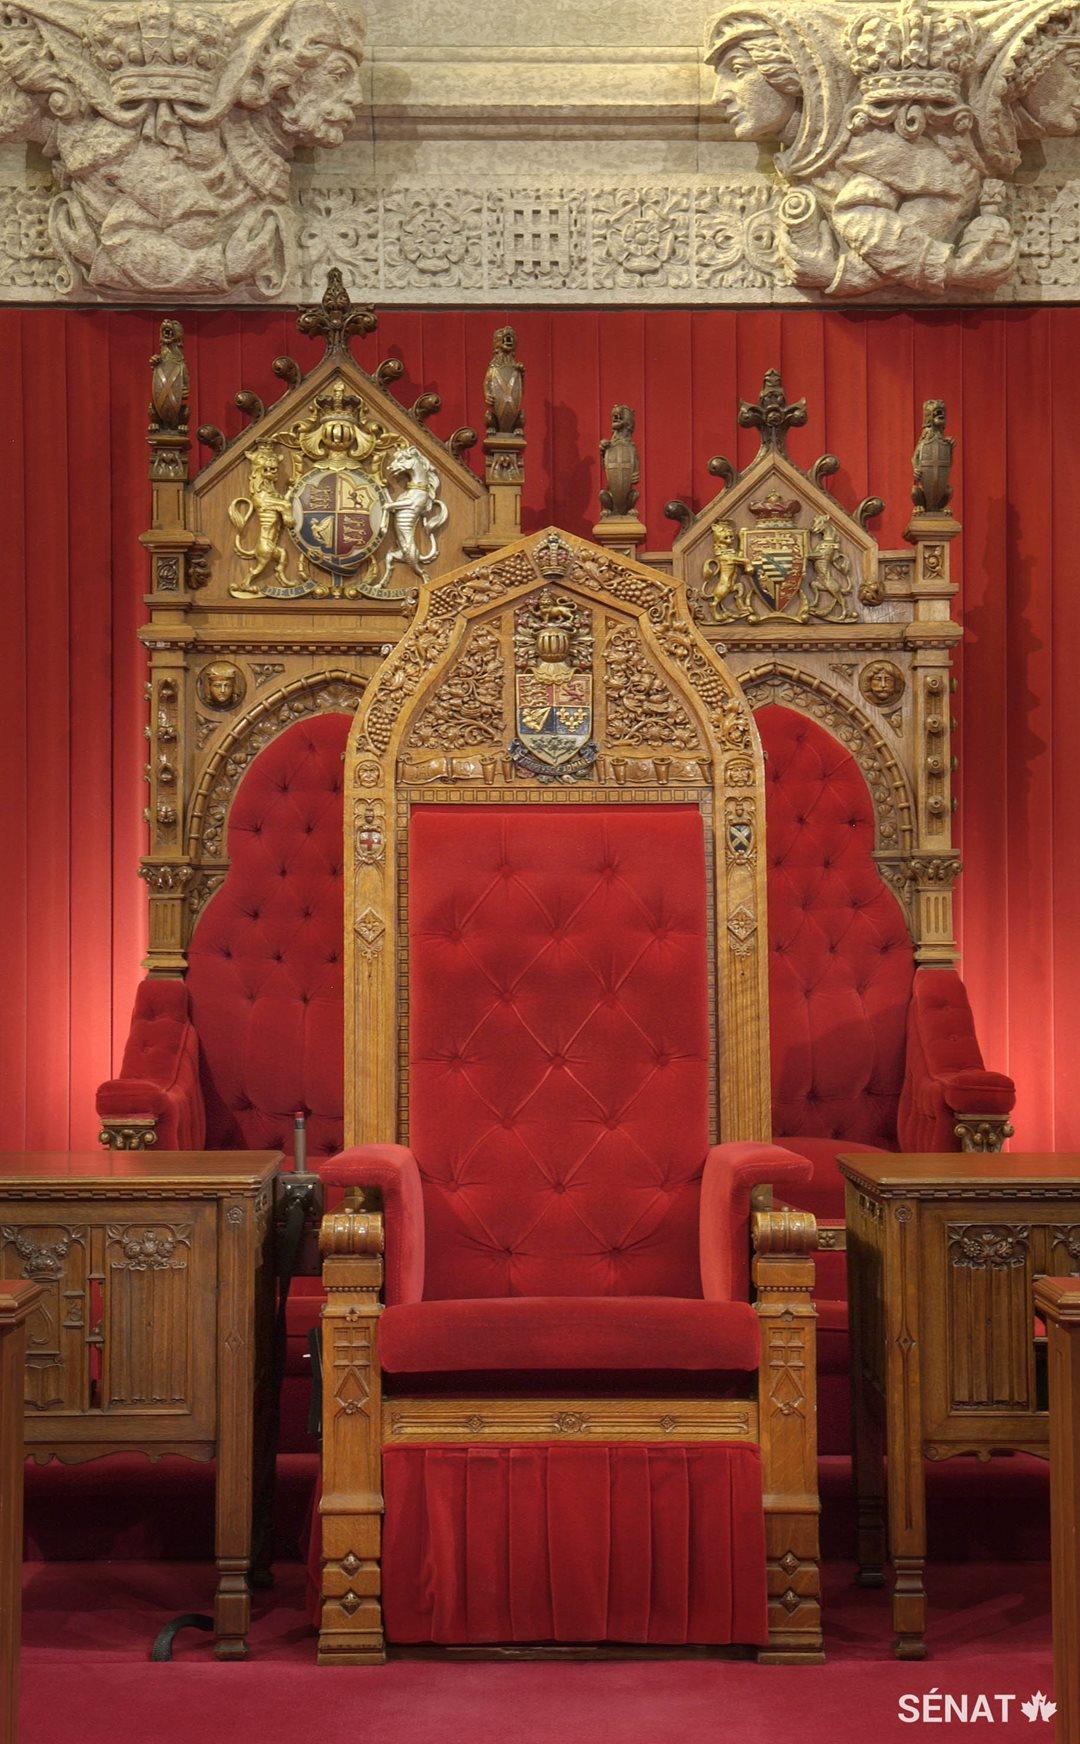 Les trônes du monarque et de son conjoint, sculptés en 1878, comptent parmi les rares objets du Sénat sauvés de l'incendie qui a rasé l'édifice du Centre en 1916. Le fauteuil du Président du Sénat, à l'avant, a été sculpté en 1923. Les trois ont été entreposés. Entre-temps, des versions moins ouvragées, qui ont été fabriquées spécialement pour la nouvelle Chambre du Sénat, seront utilisées.